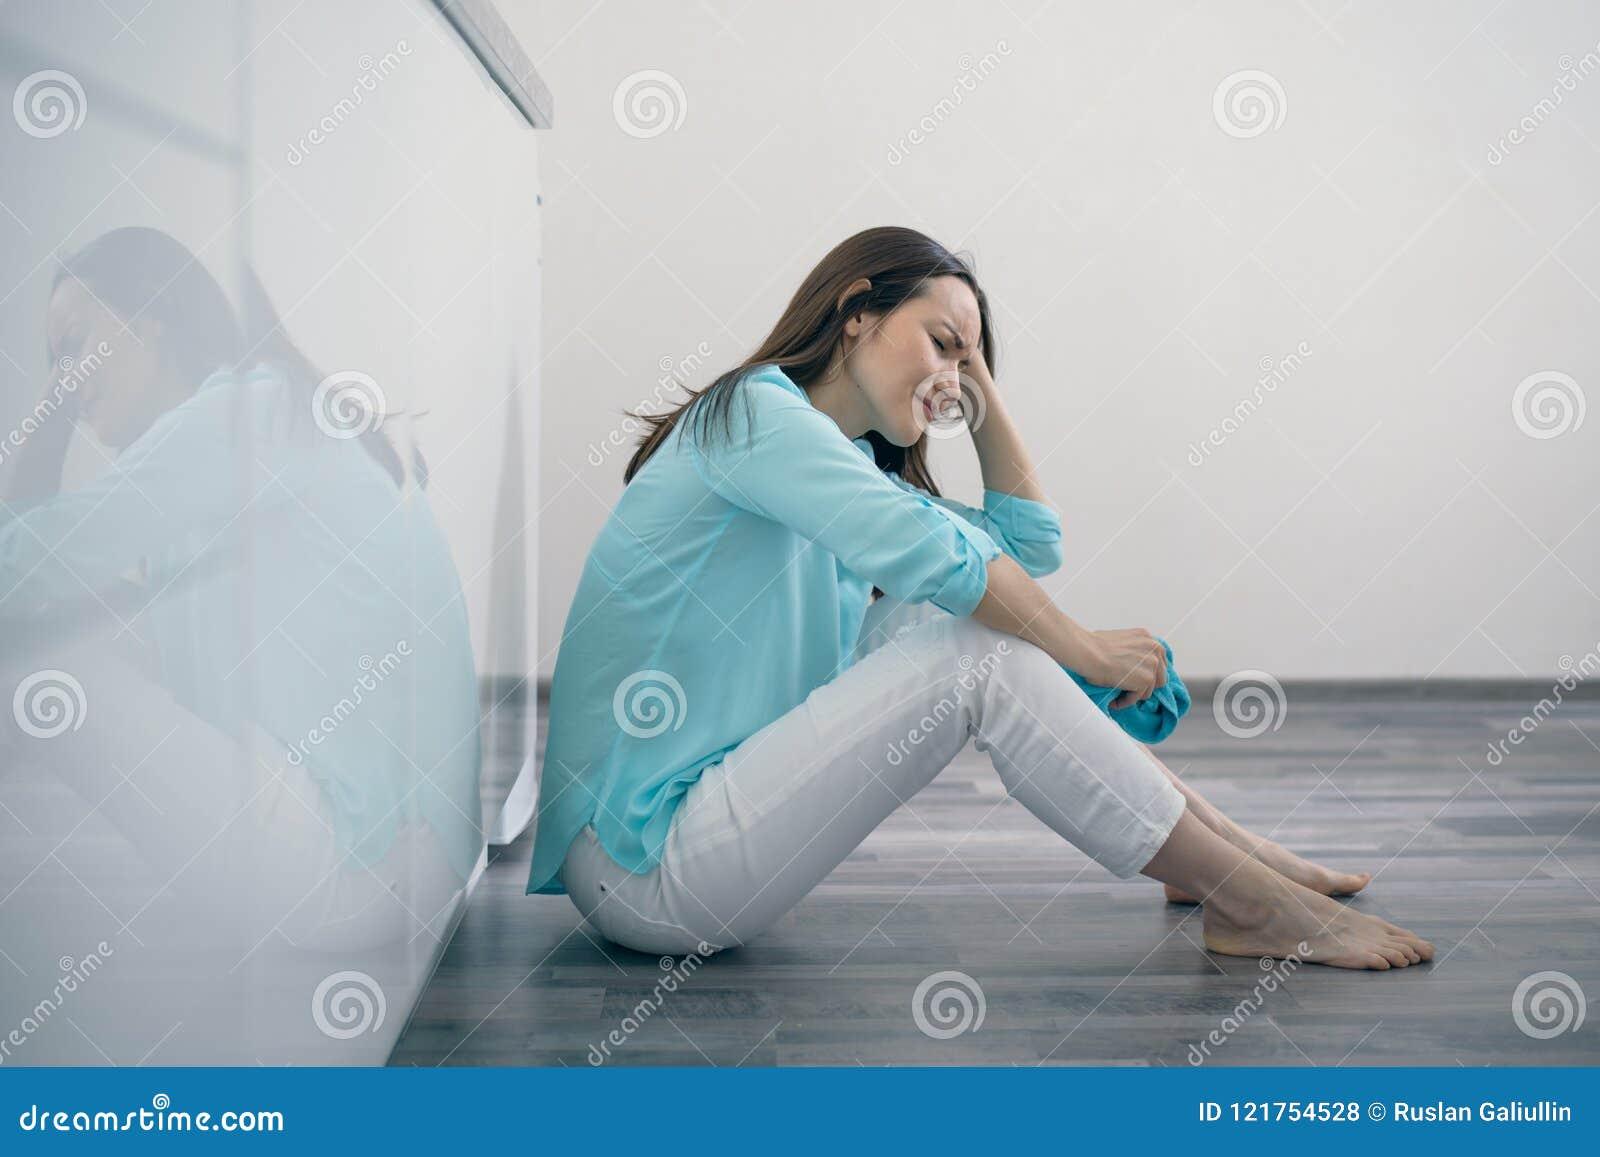 Νέα συνεδρίαση γυναικών στο πάτωμα κουζινών το κεφάλι και να φωνάξει της, που ανατρέπεται που κρατούν, λυπημένος, καταθλιπτικά